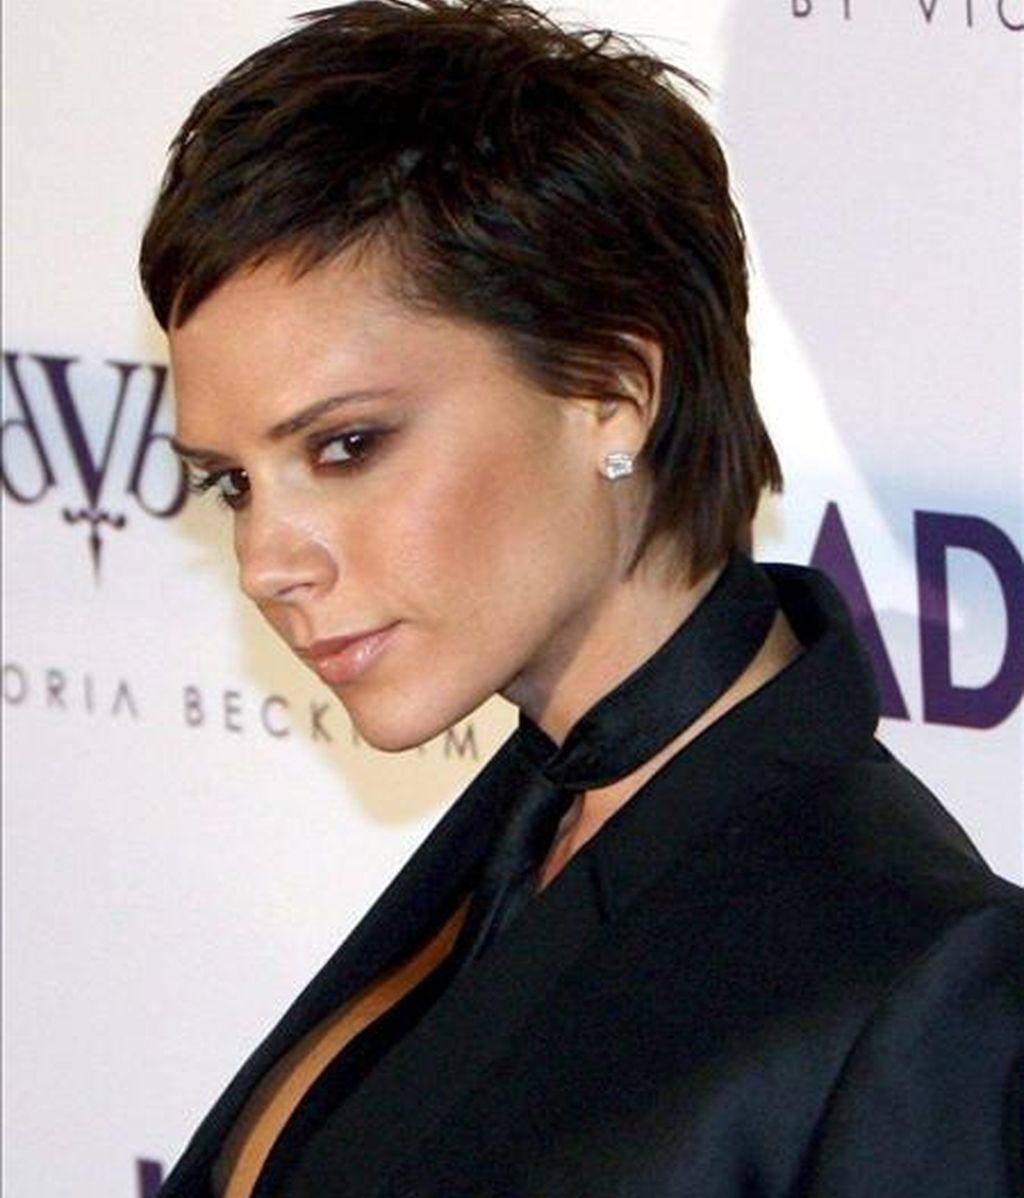 """La ex-Spice Girl Victoria Beckham, quien ha sido tentada para formar parte del jurado del concurso """"Factor X"""" en Reino Unido. EFE/Archivo"""